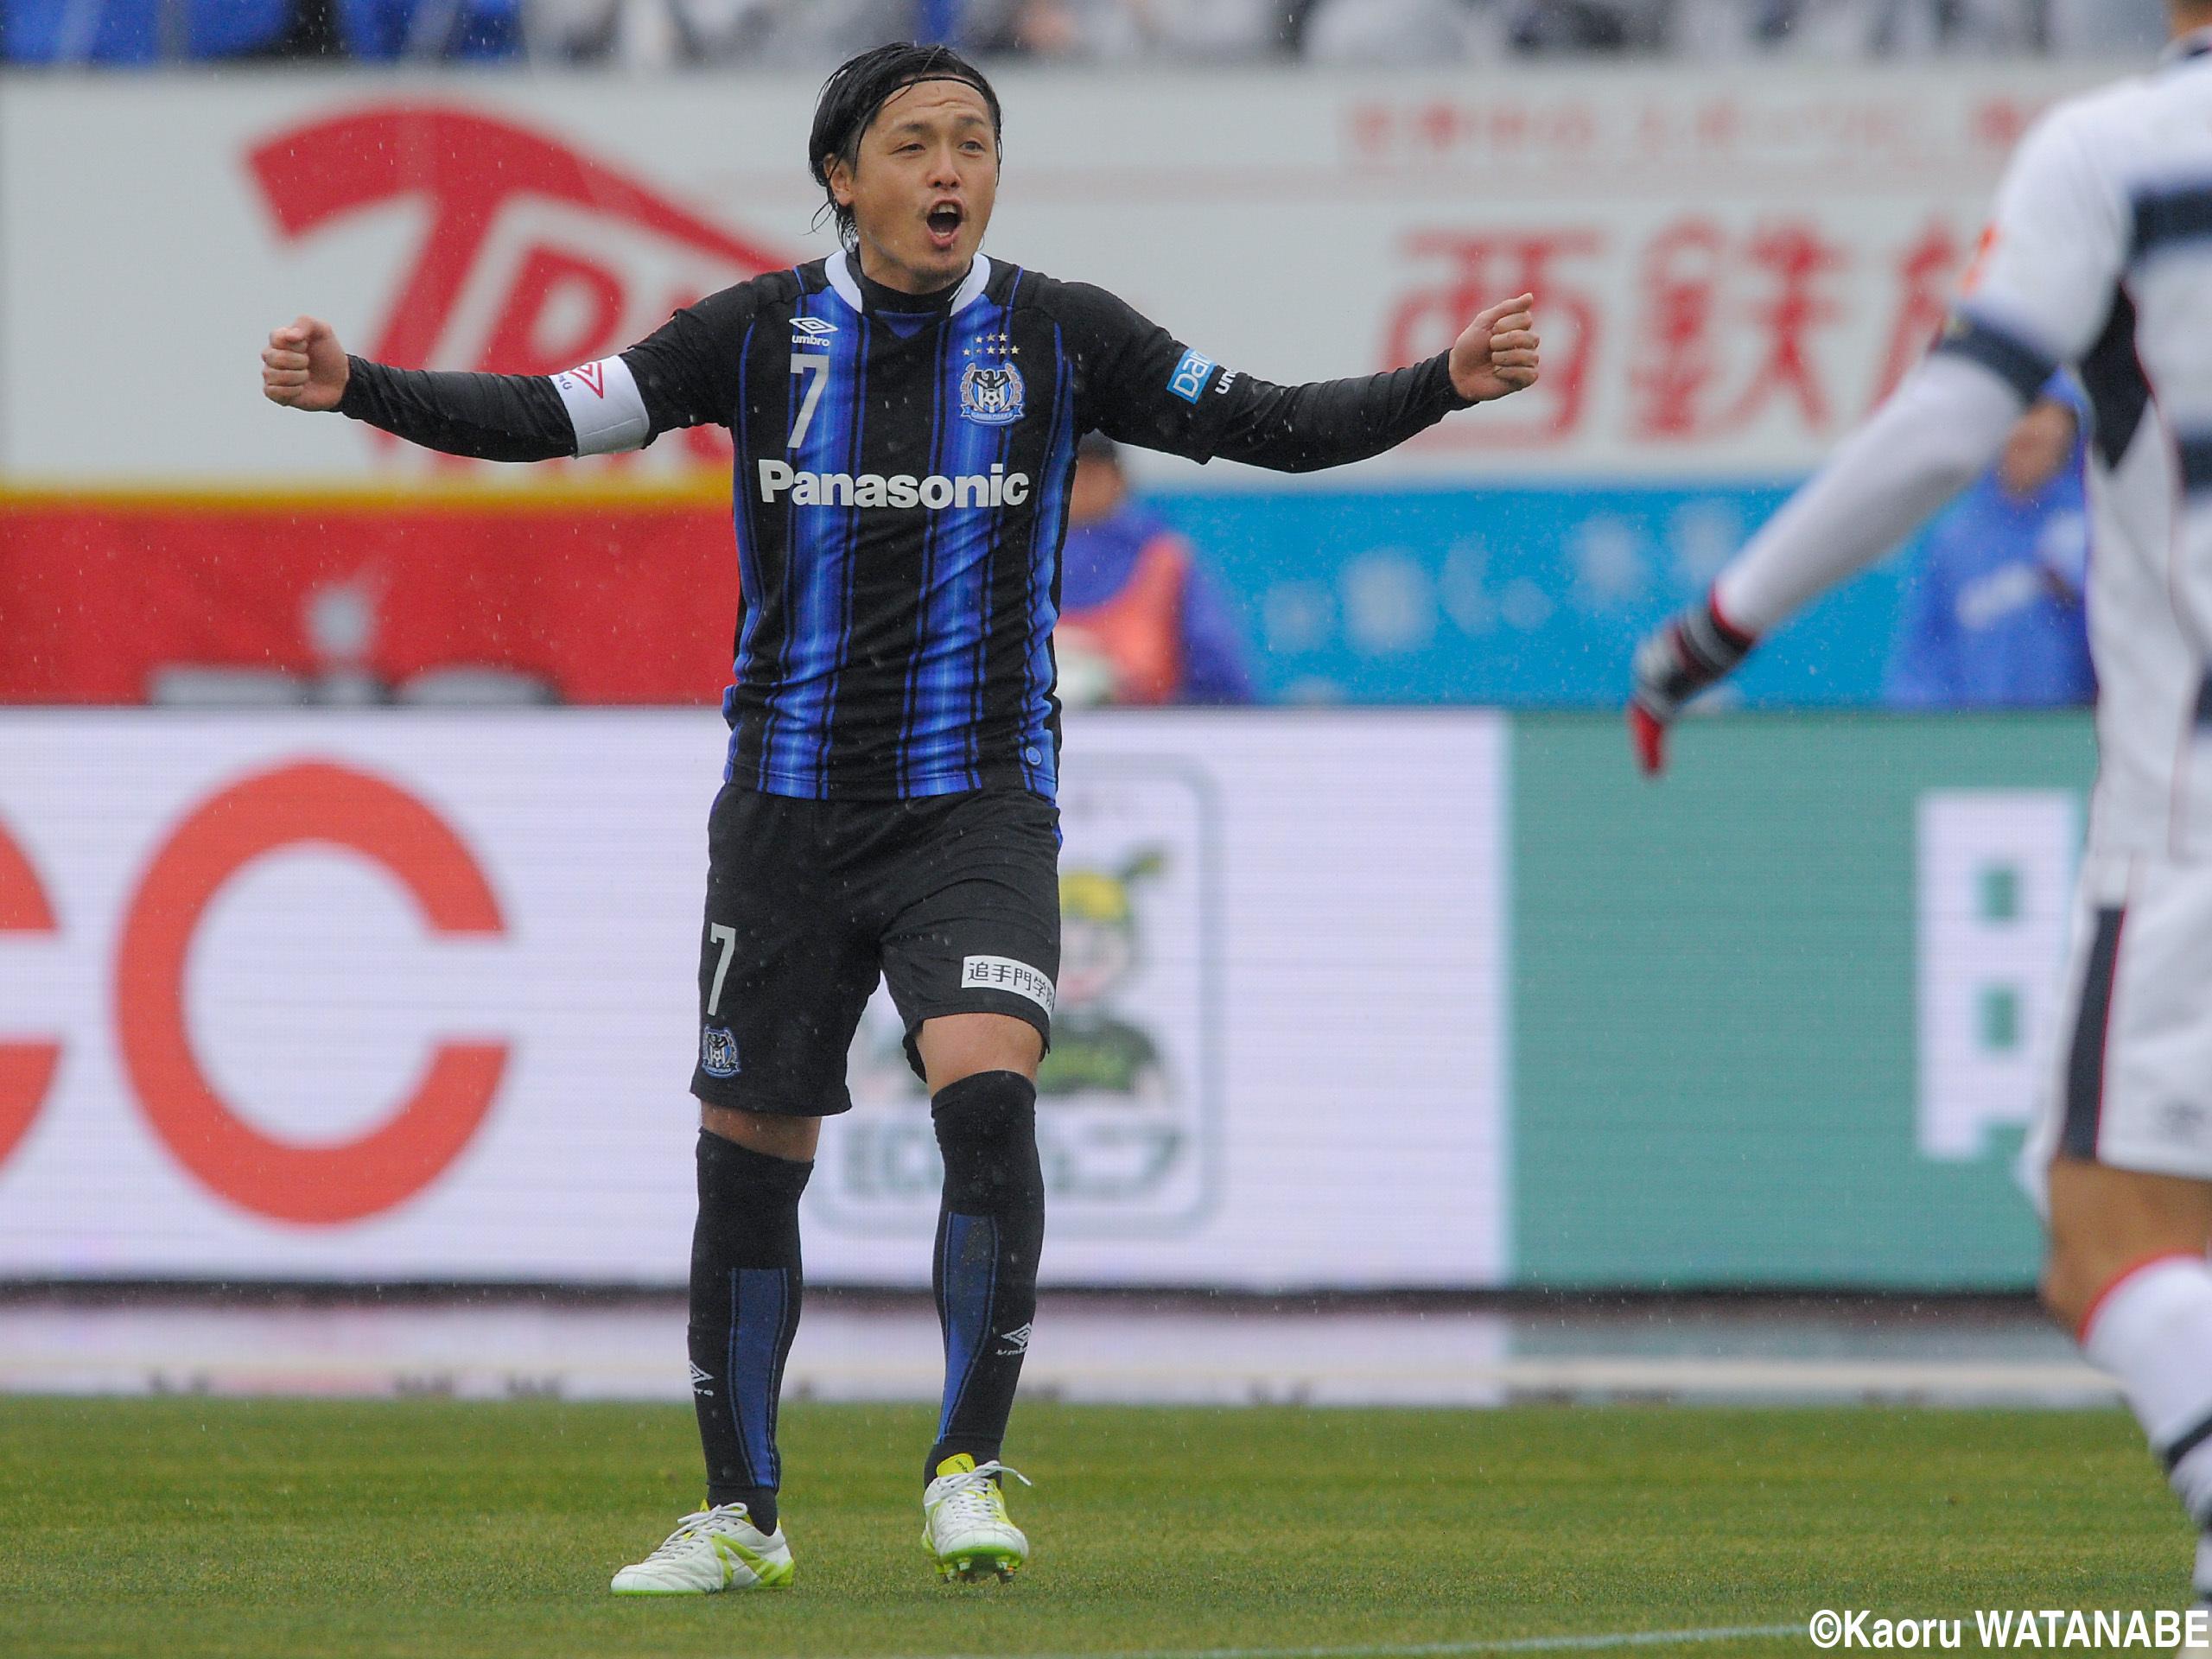 AT被弾で勝ち点2を失ったG大阪 MF遠藤「まだまだ始まったばかり」